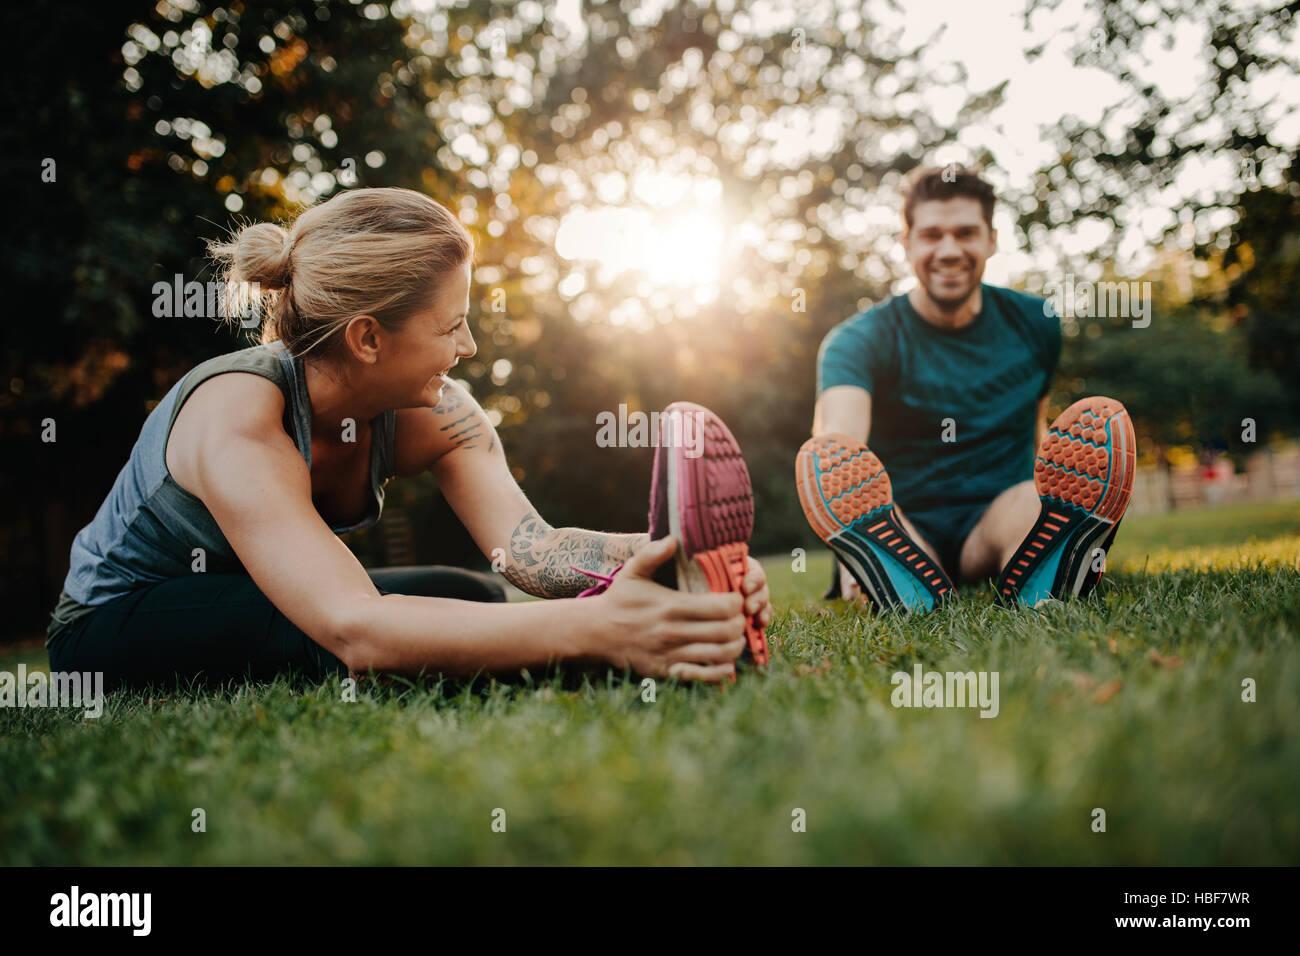 Couple stretching remise en forme en plein air dans le parc. Jeune homme et femme exerçant ensemble en matinée. Banque D'Images